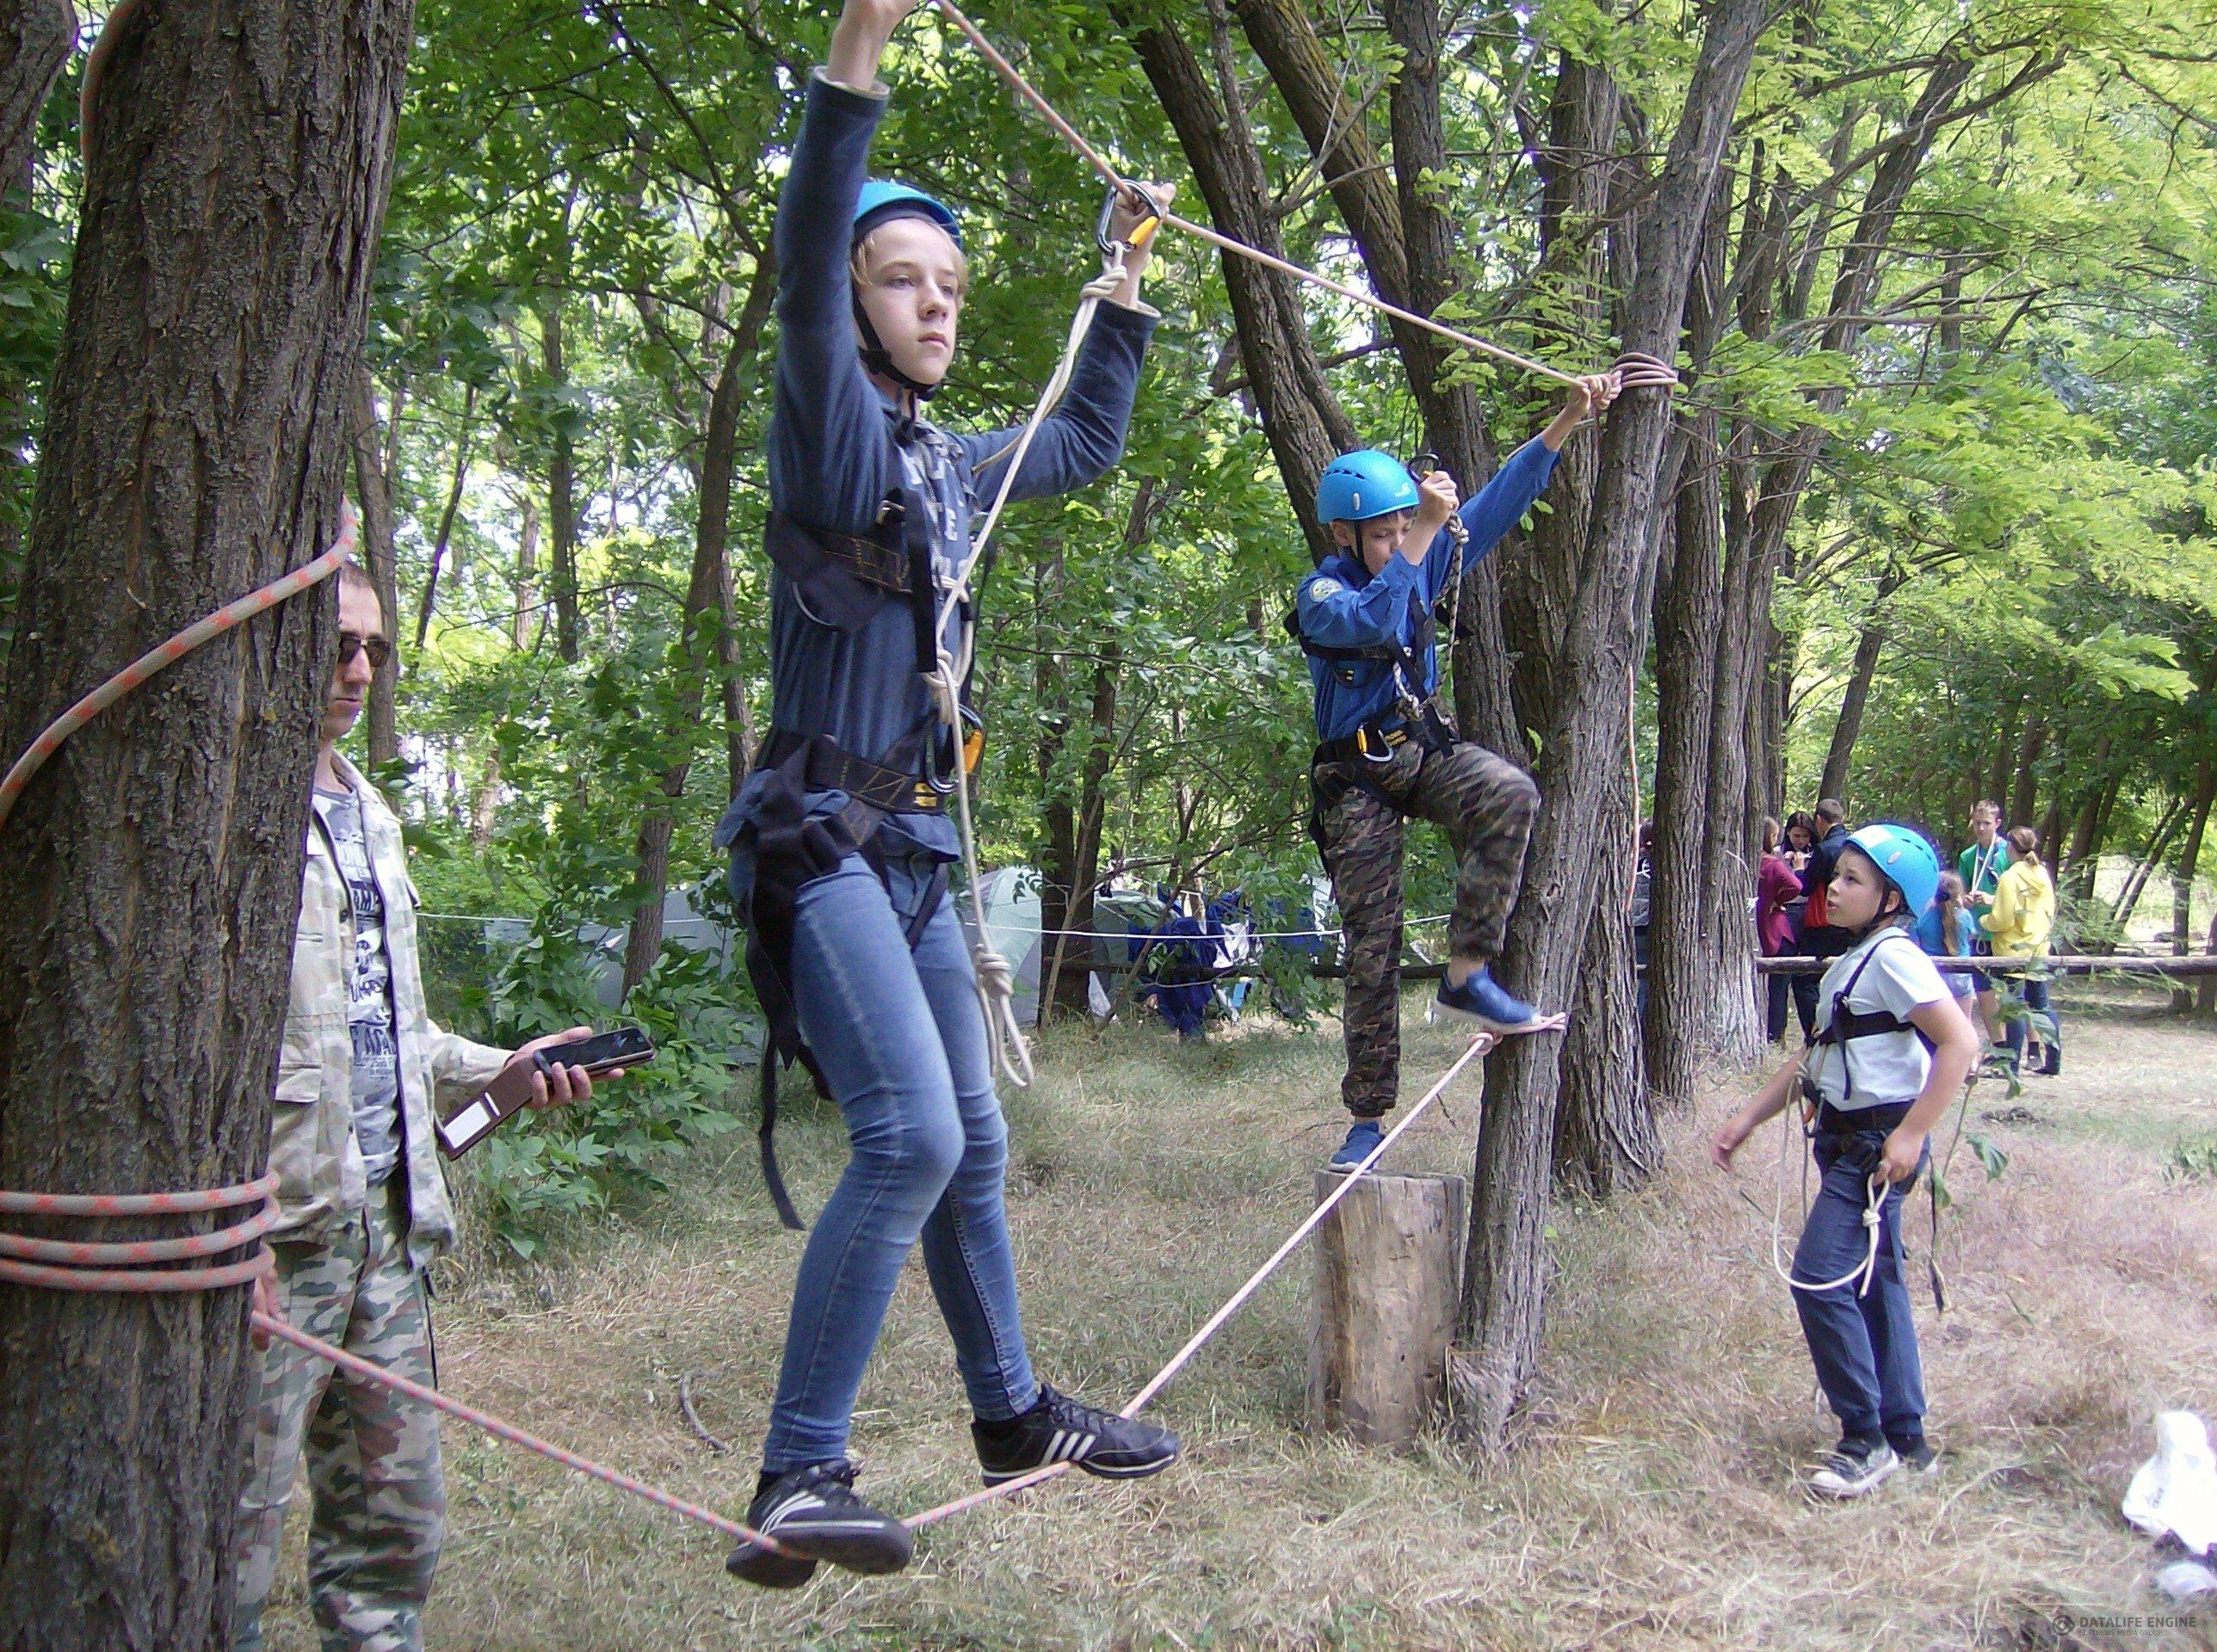 В Кореновском районе Краснодарского края состоялся следопытский лагерь «Тропа индейца»